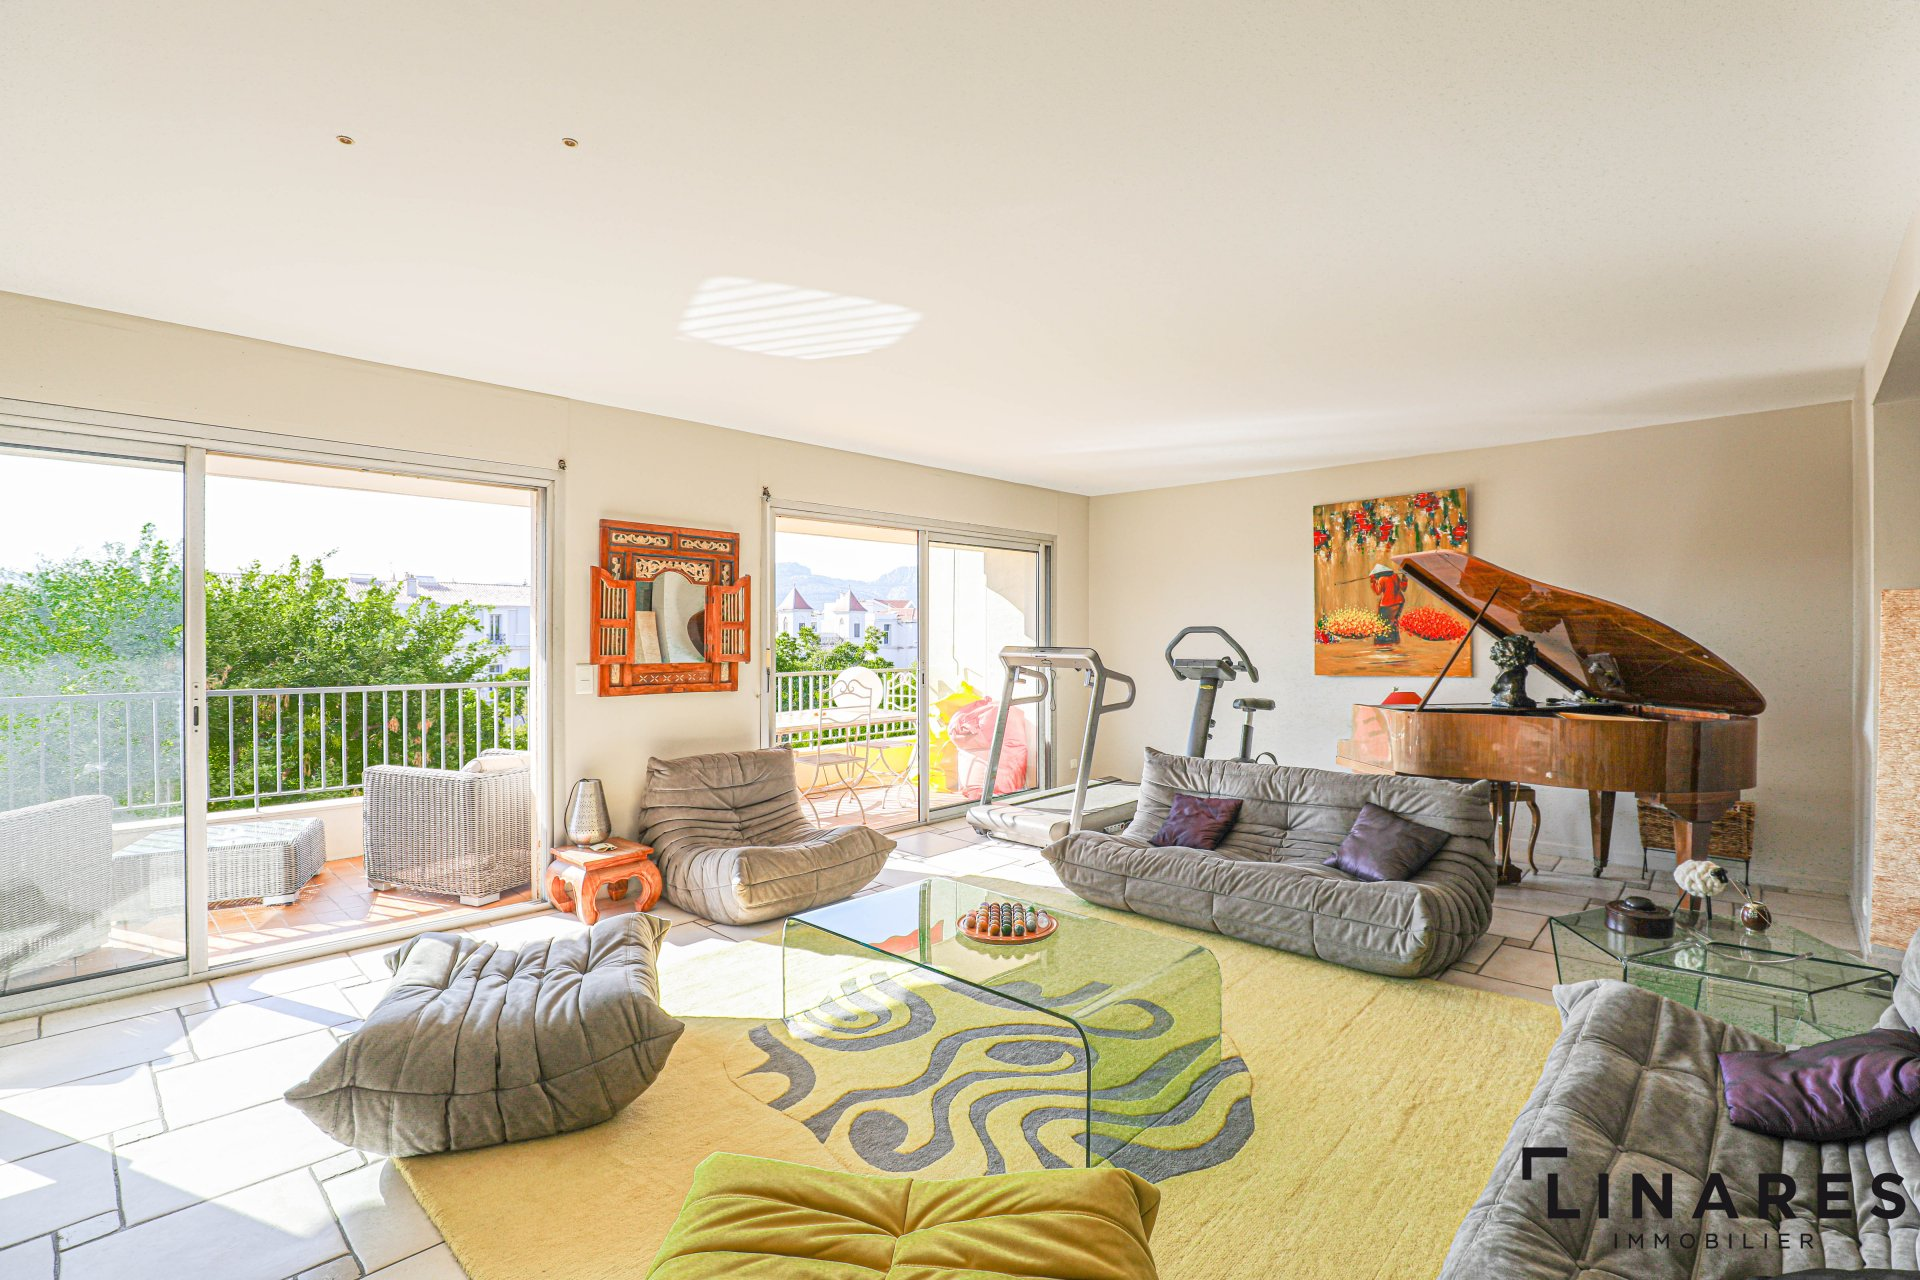 L'ÉCLAIR - Appartement T3 145 m2 + Terrasse 25 m2 - 13008